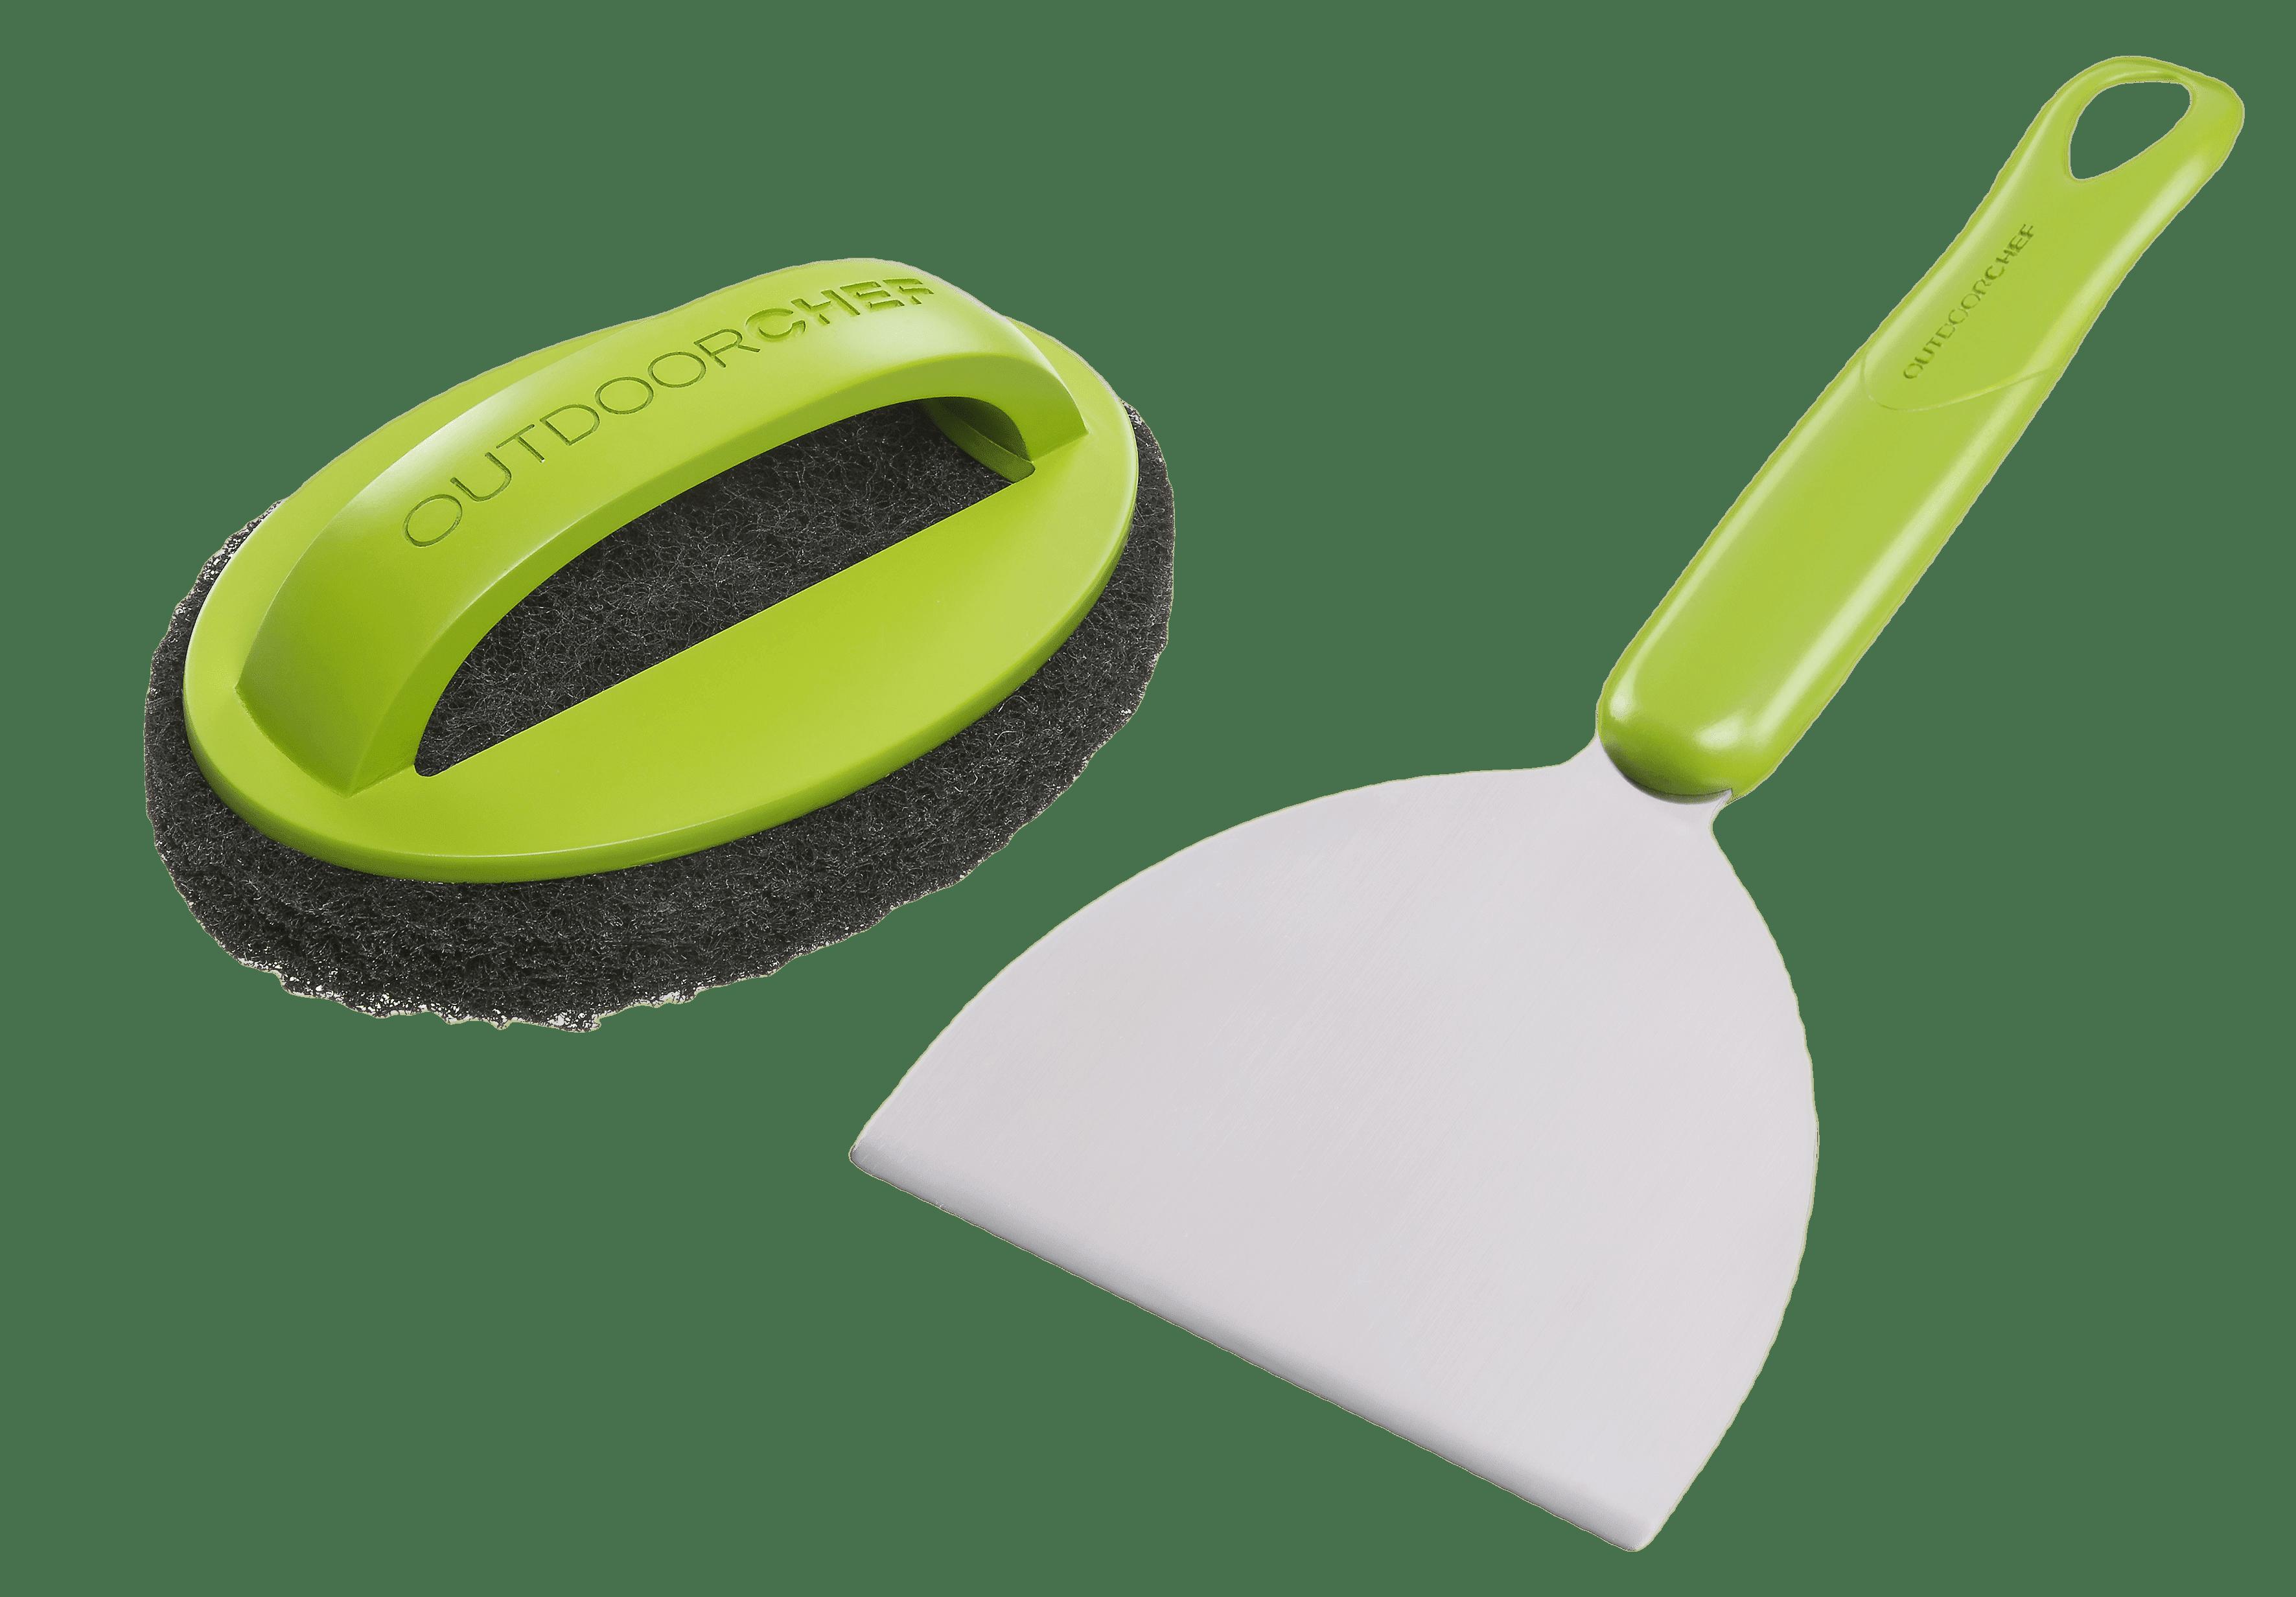 Ods reinigingsset voor bakplaten